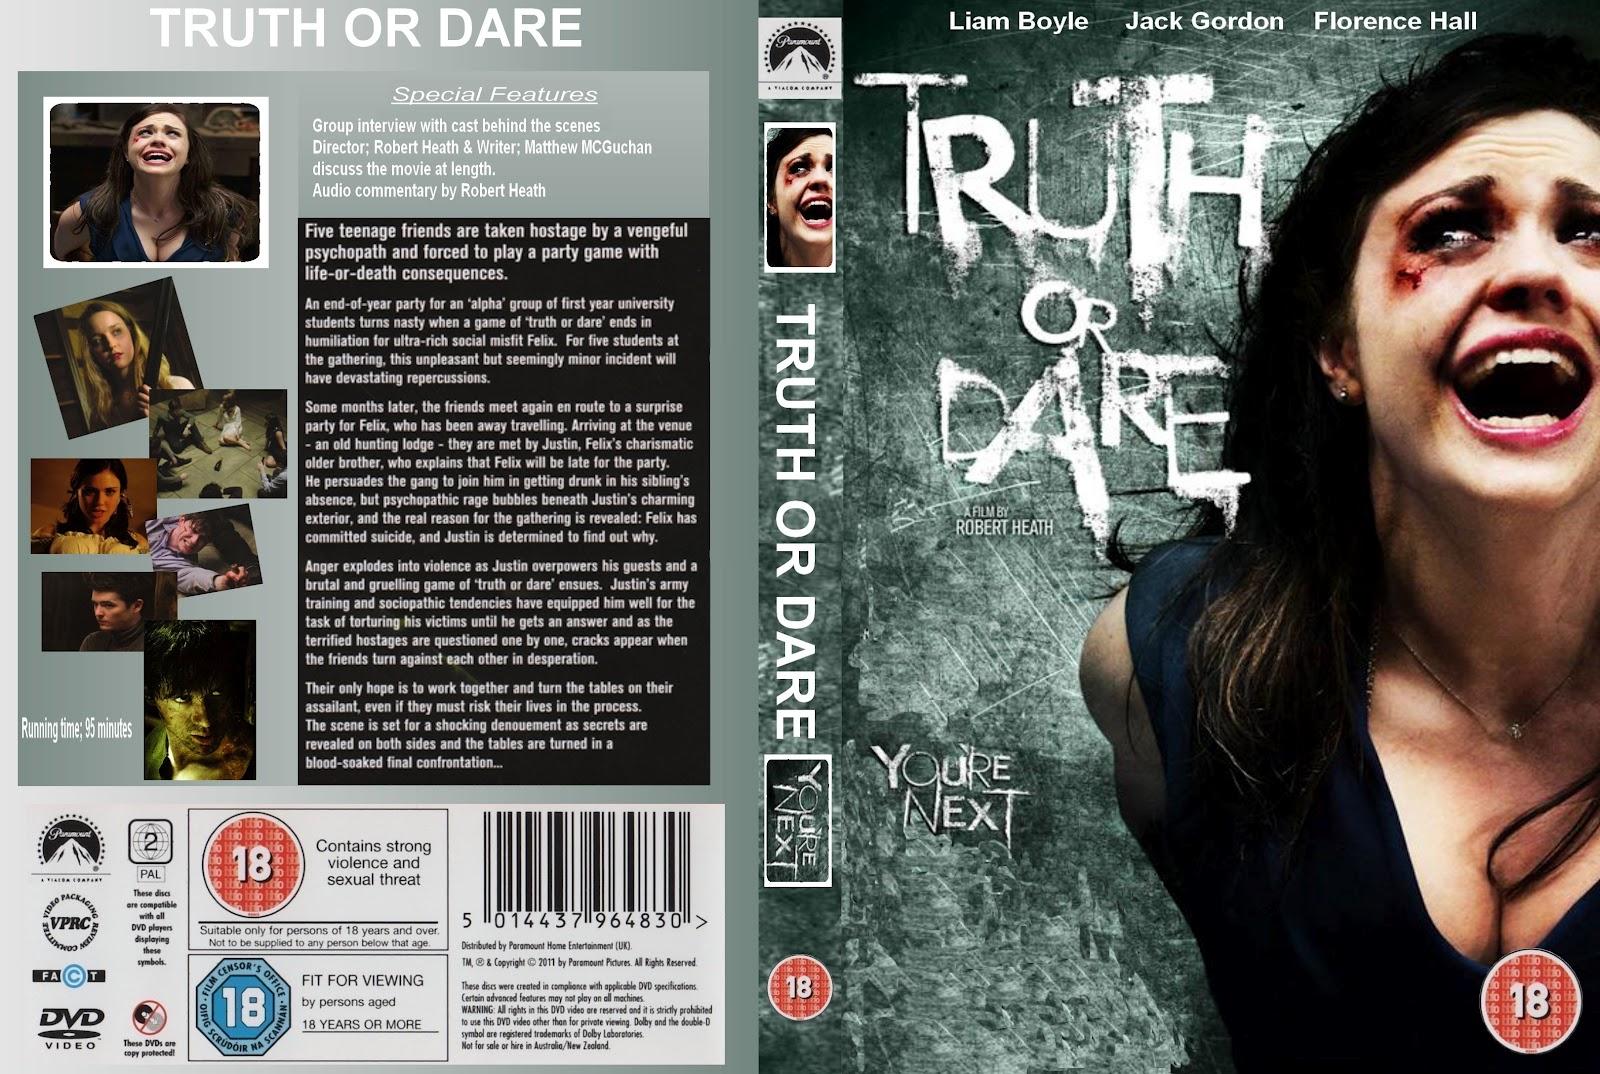 links rmvb legendado download filme uploaded download filme bitshare